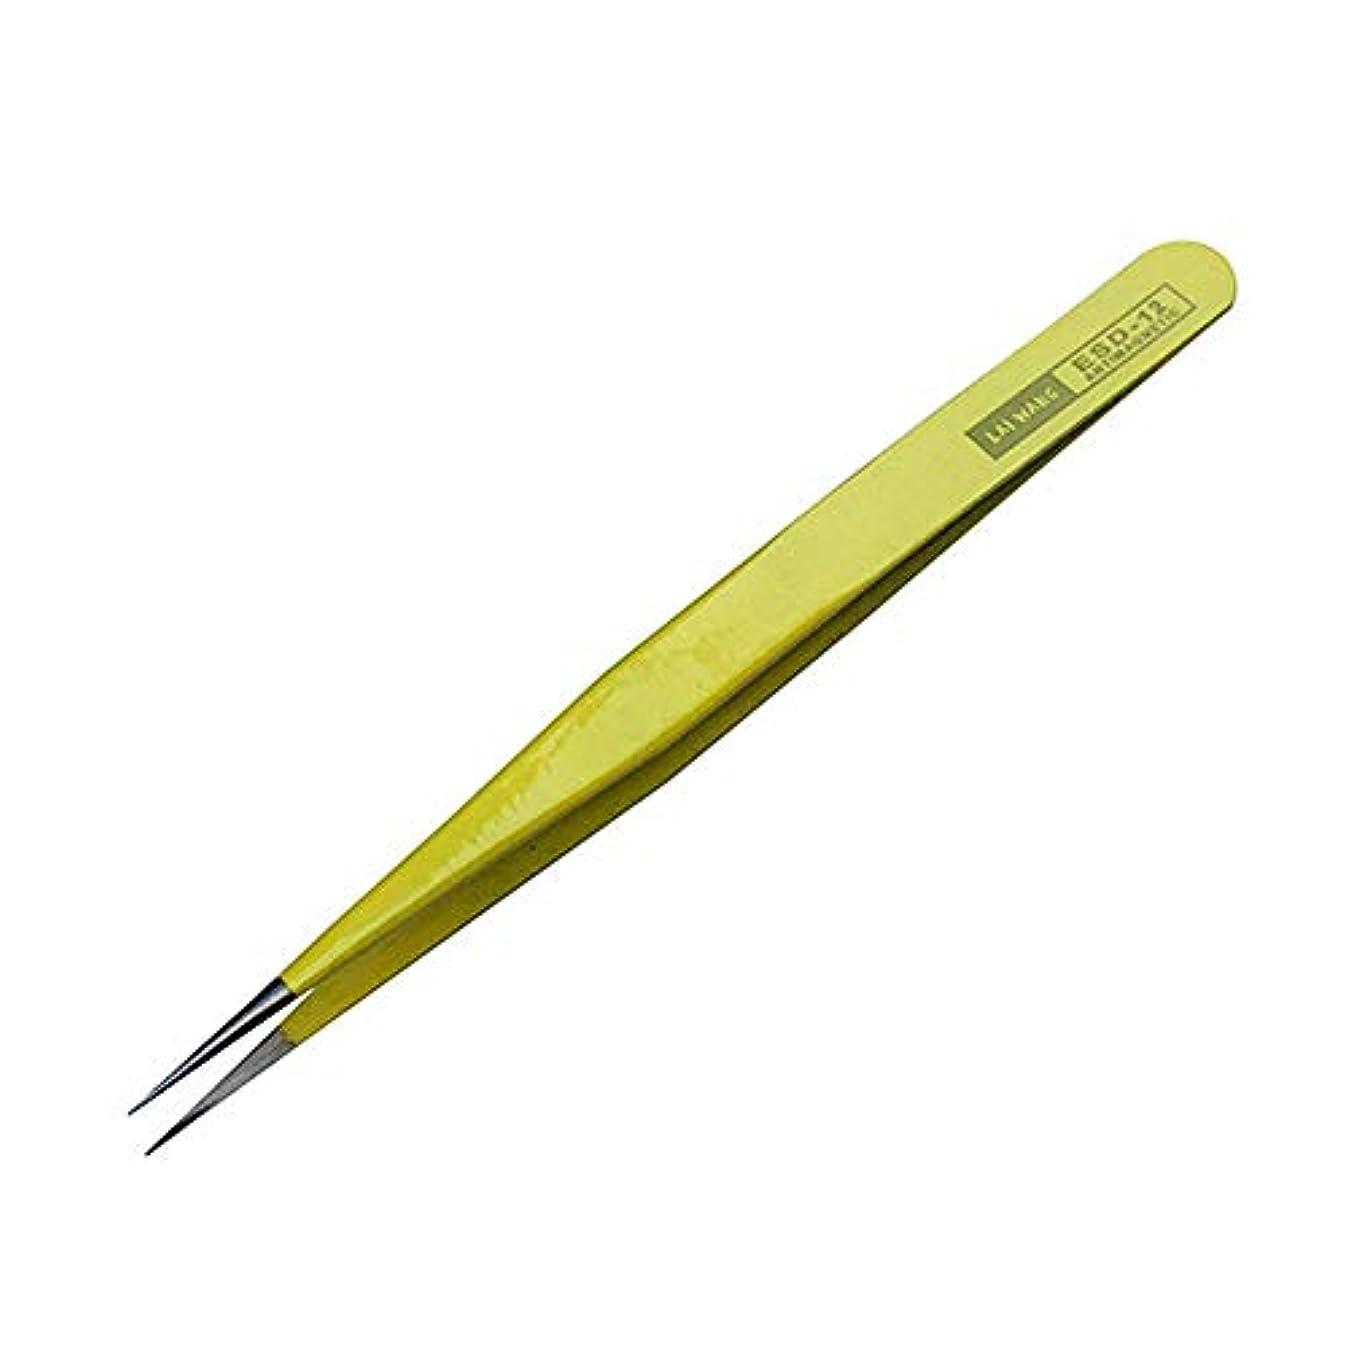 砲撃カテゴリー盲目ステンレス鋼眉毛ピンセットまつげカーラークリップ摘採美容ツール